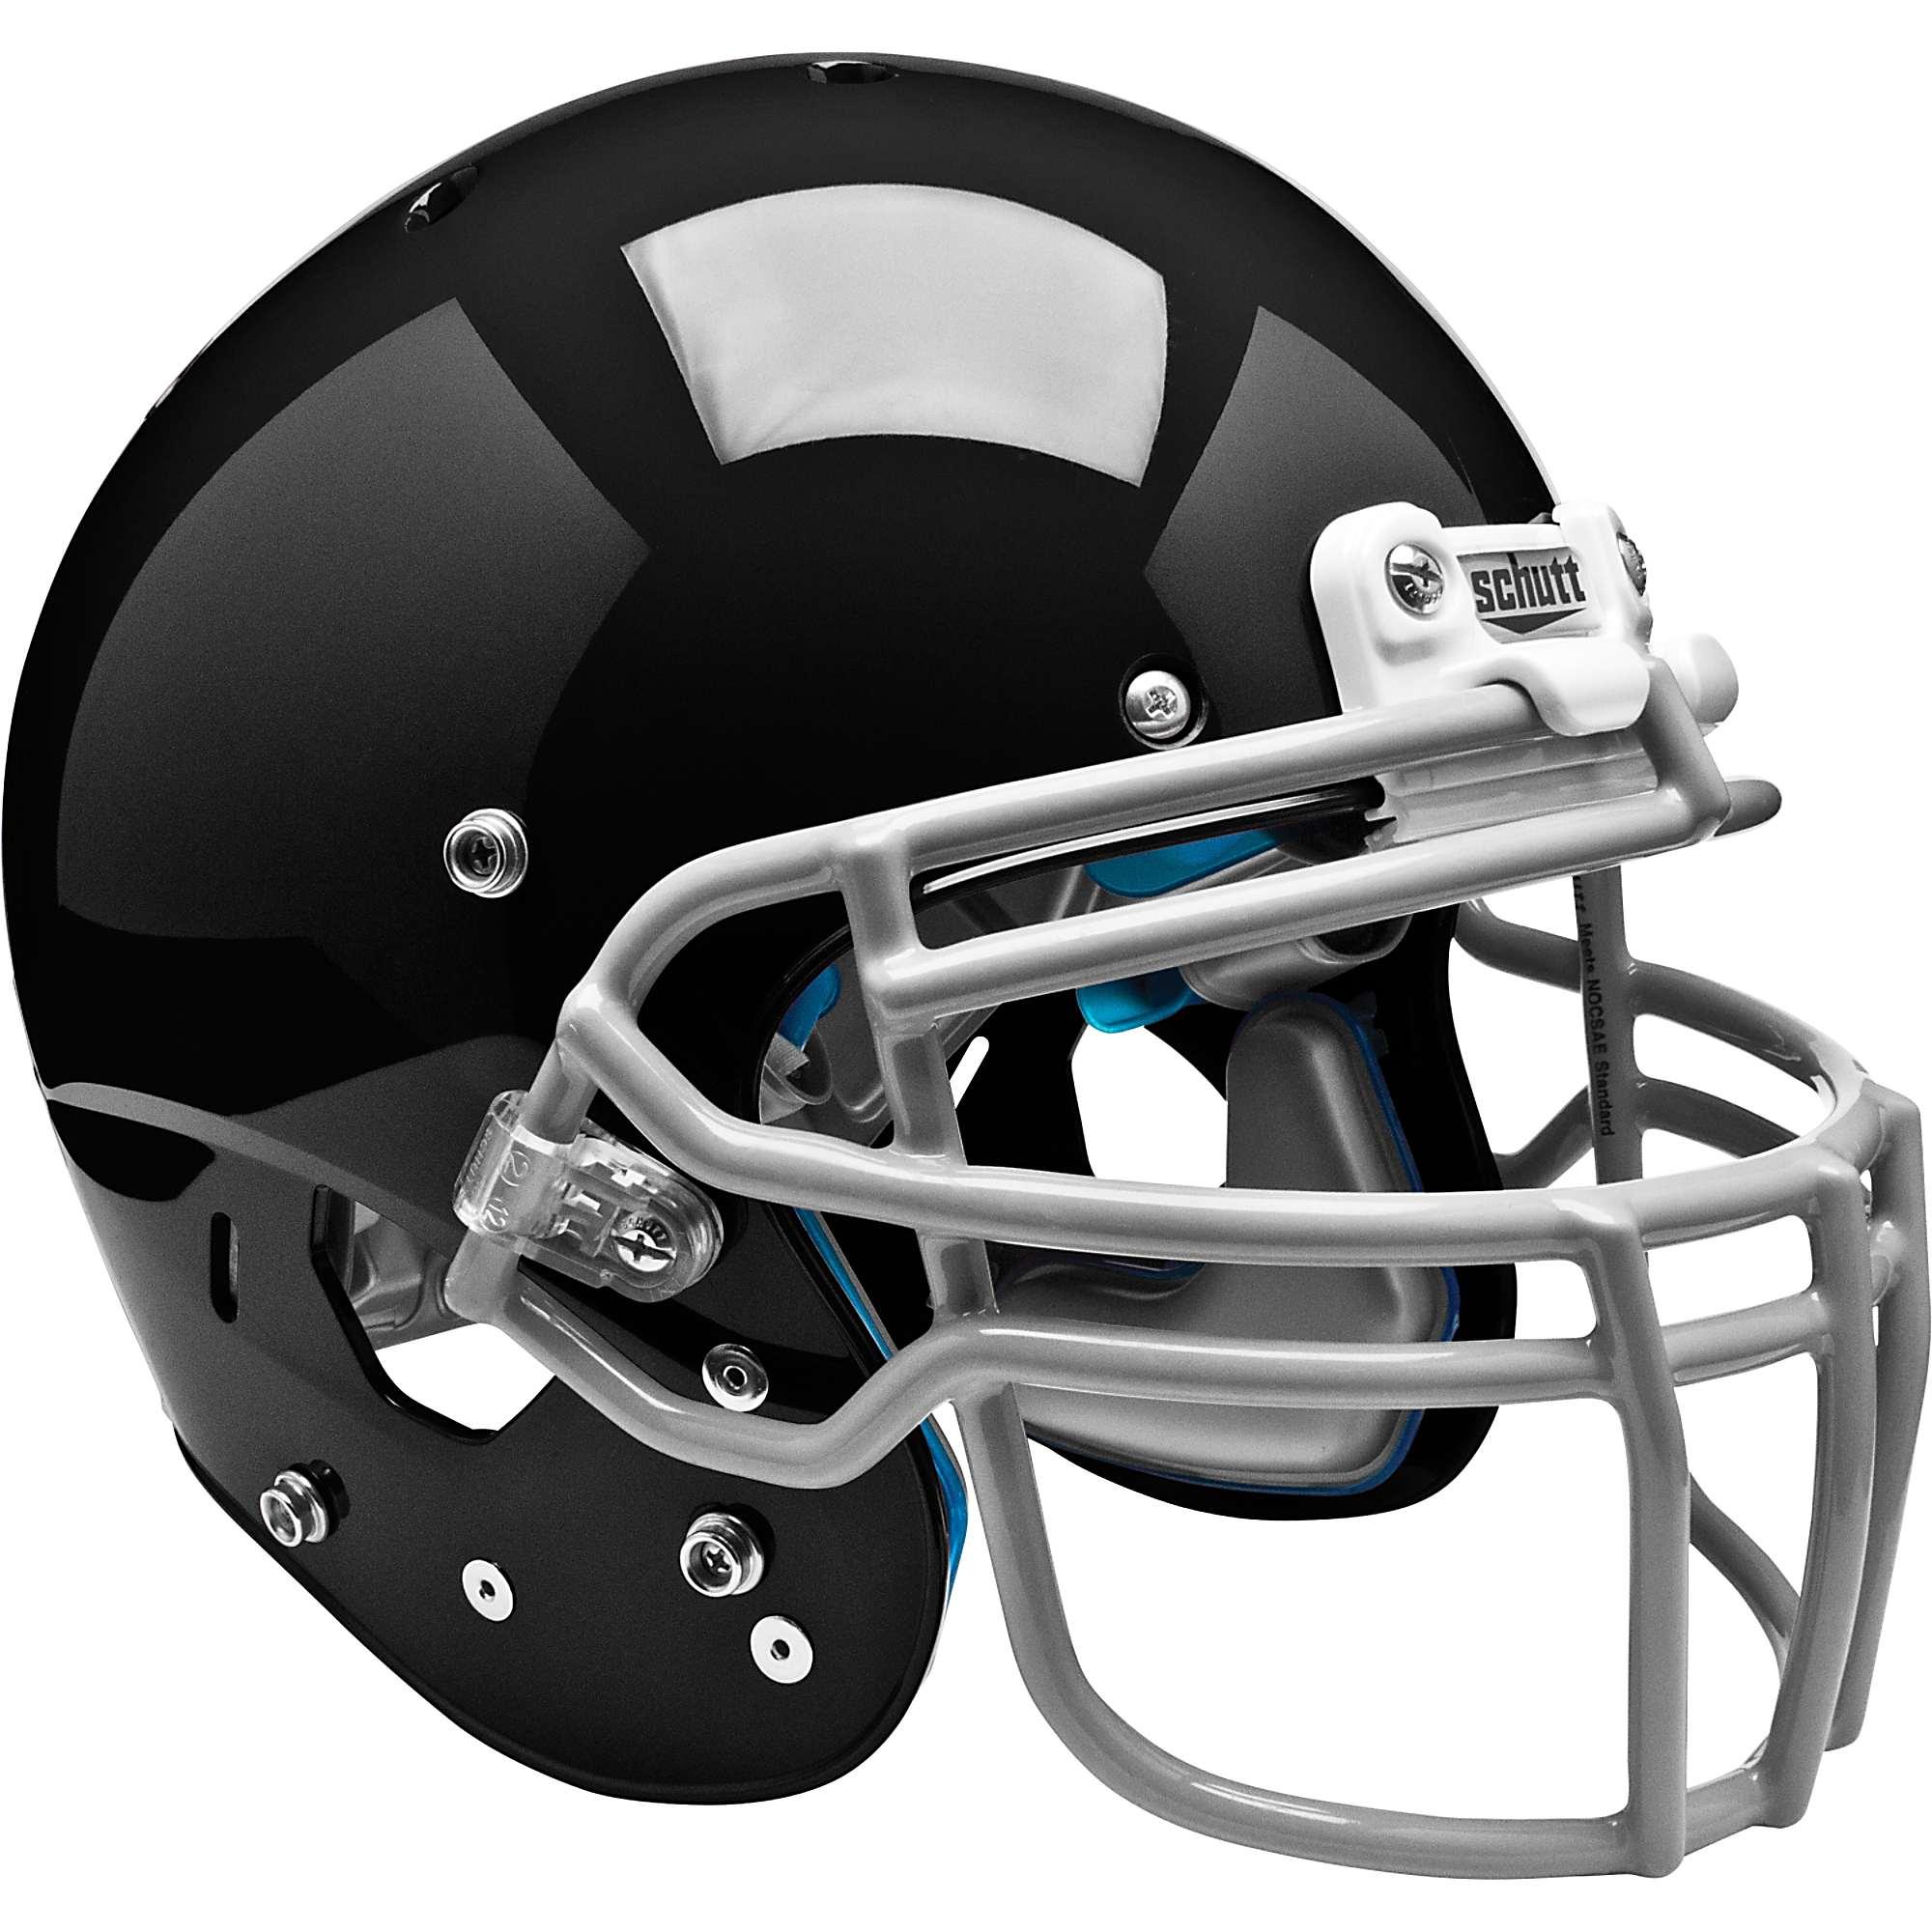 Schutt Air Xp Pro Vtd Football Helmet (No Facemask) | eBay